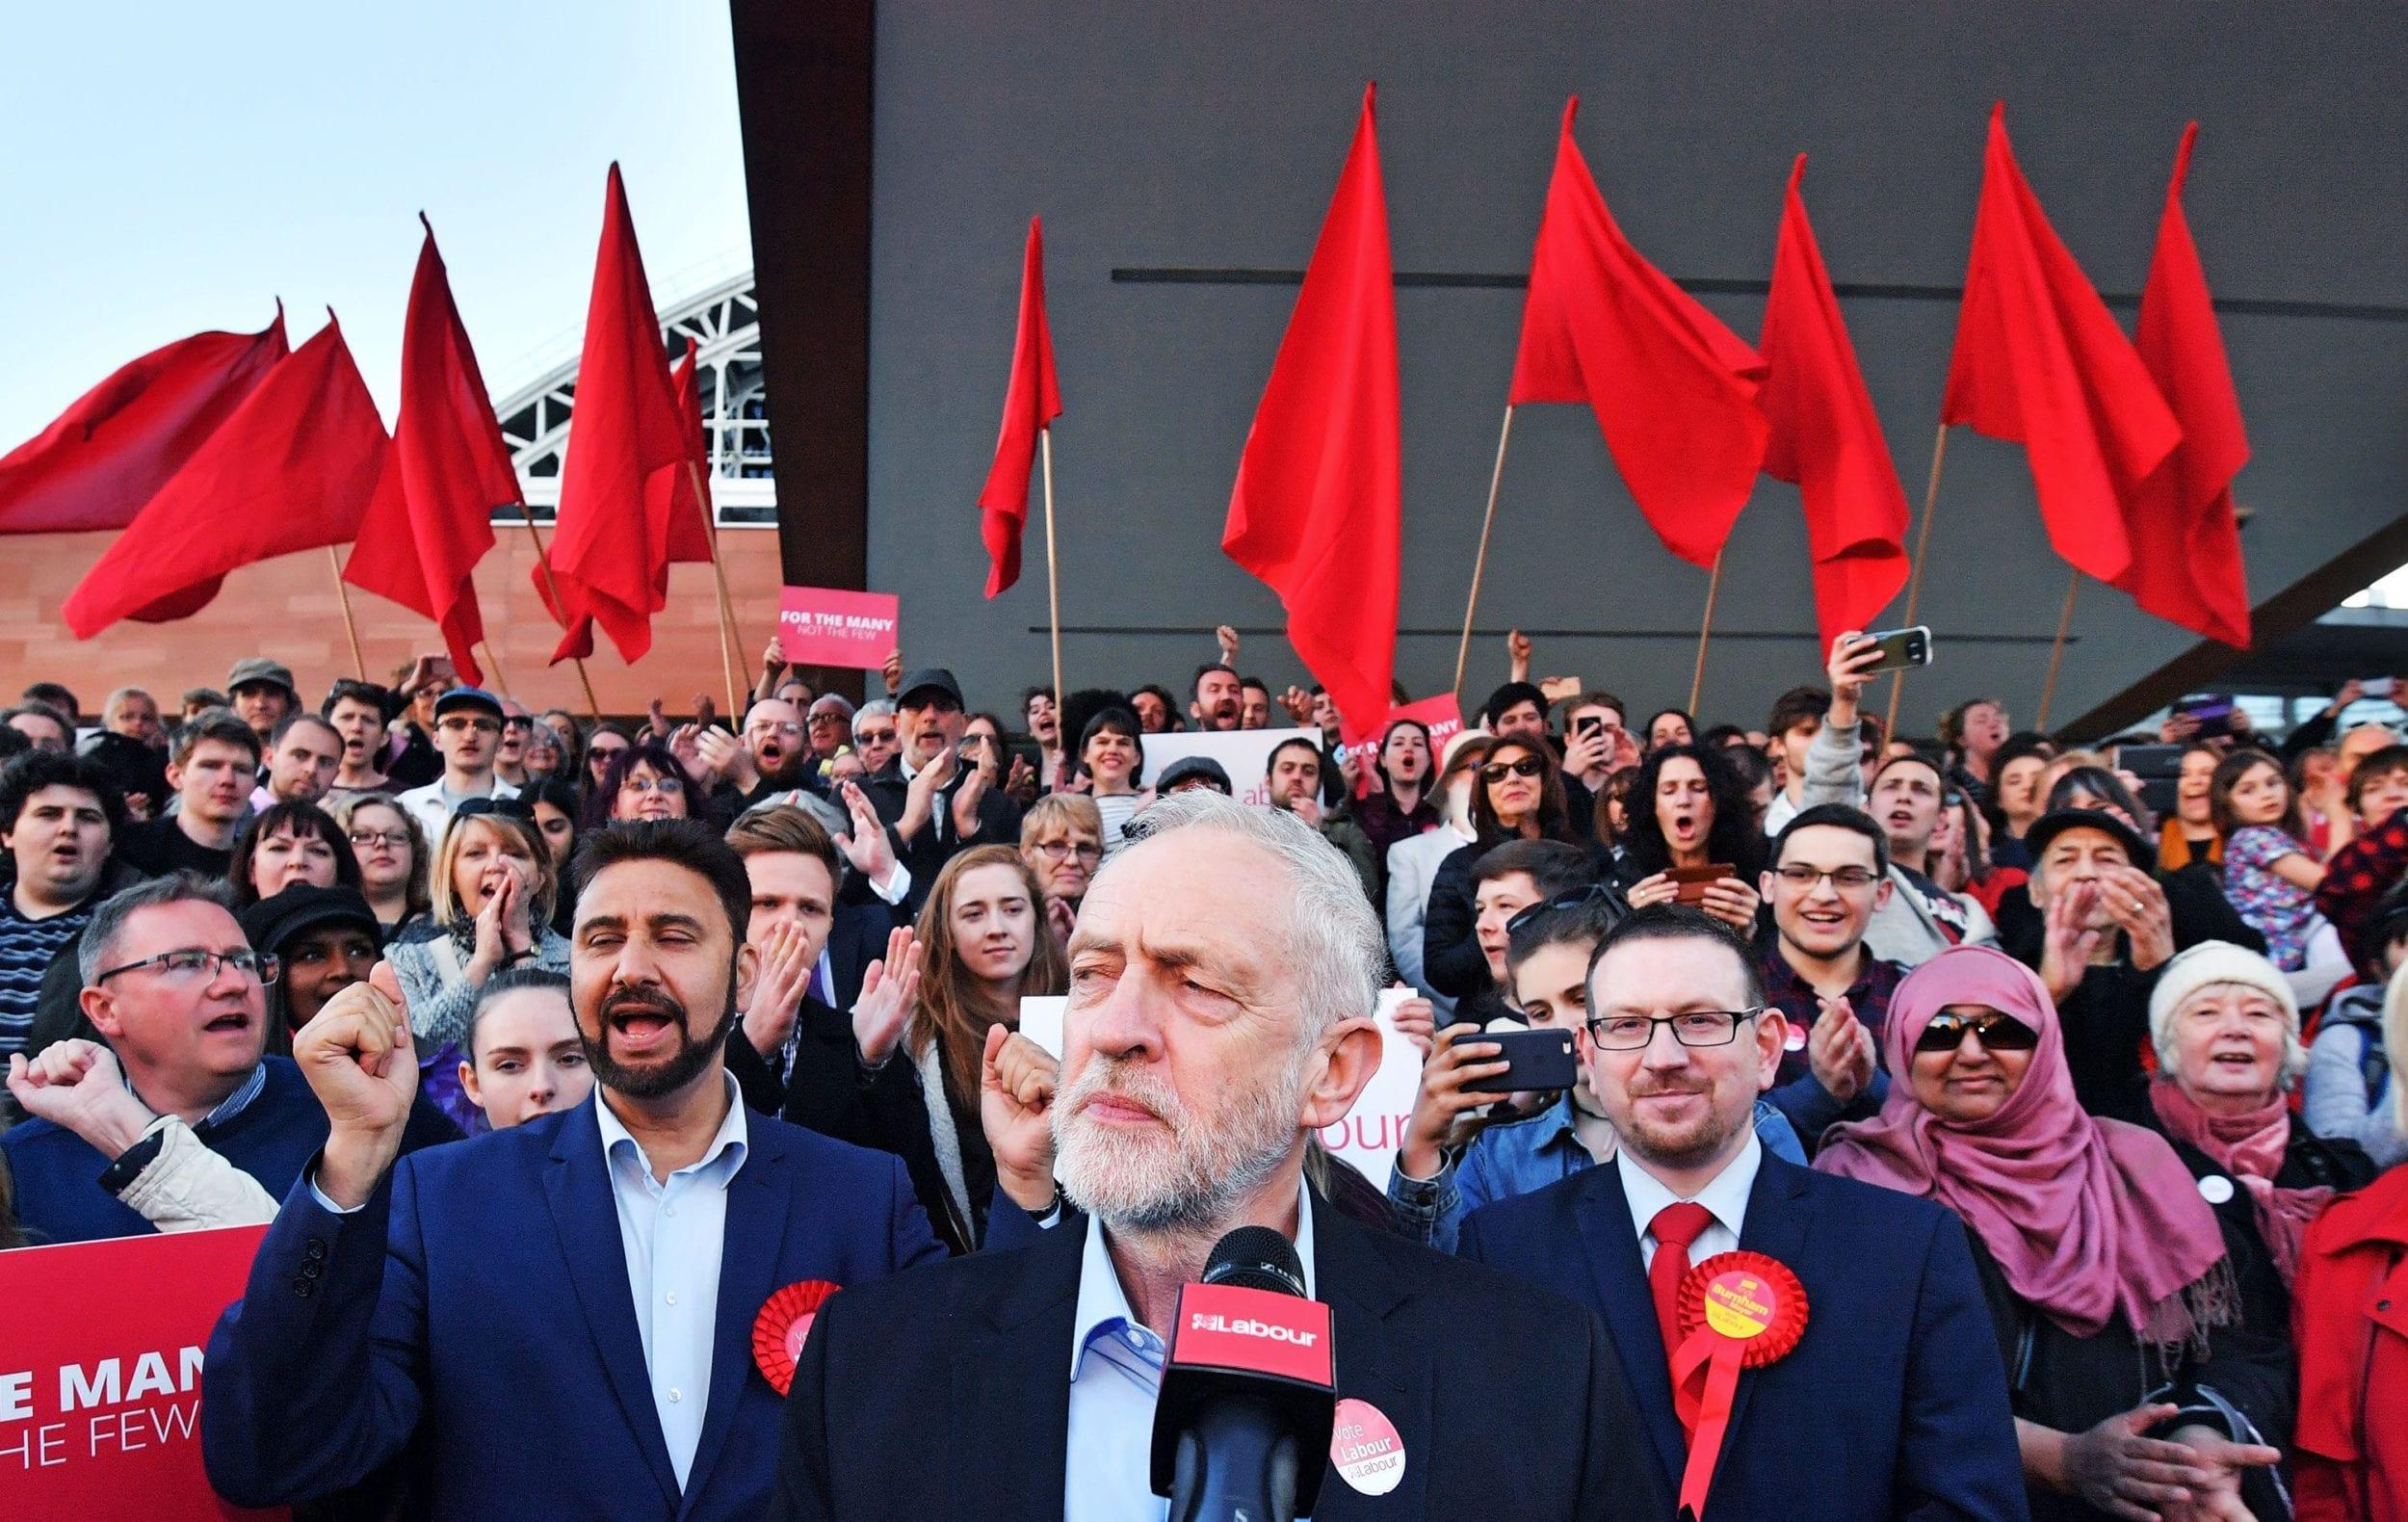 Elezioni inglesi, il poderoso programma socialista autentica sfida al liberismo